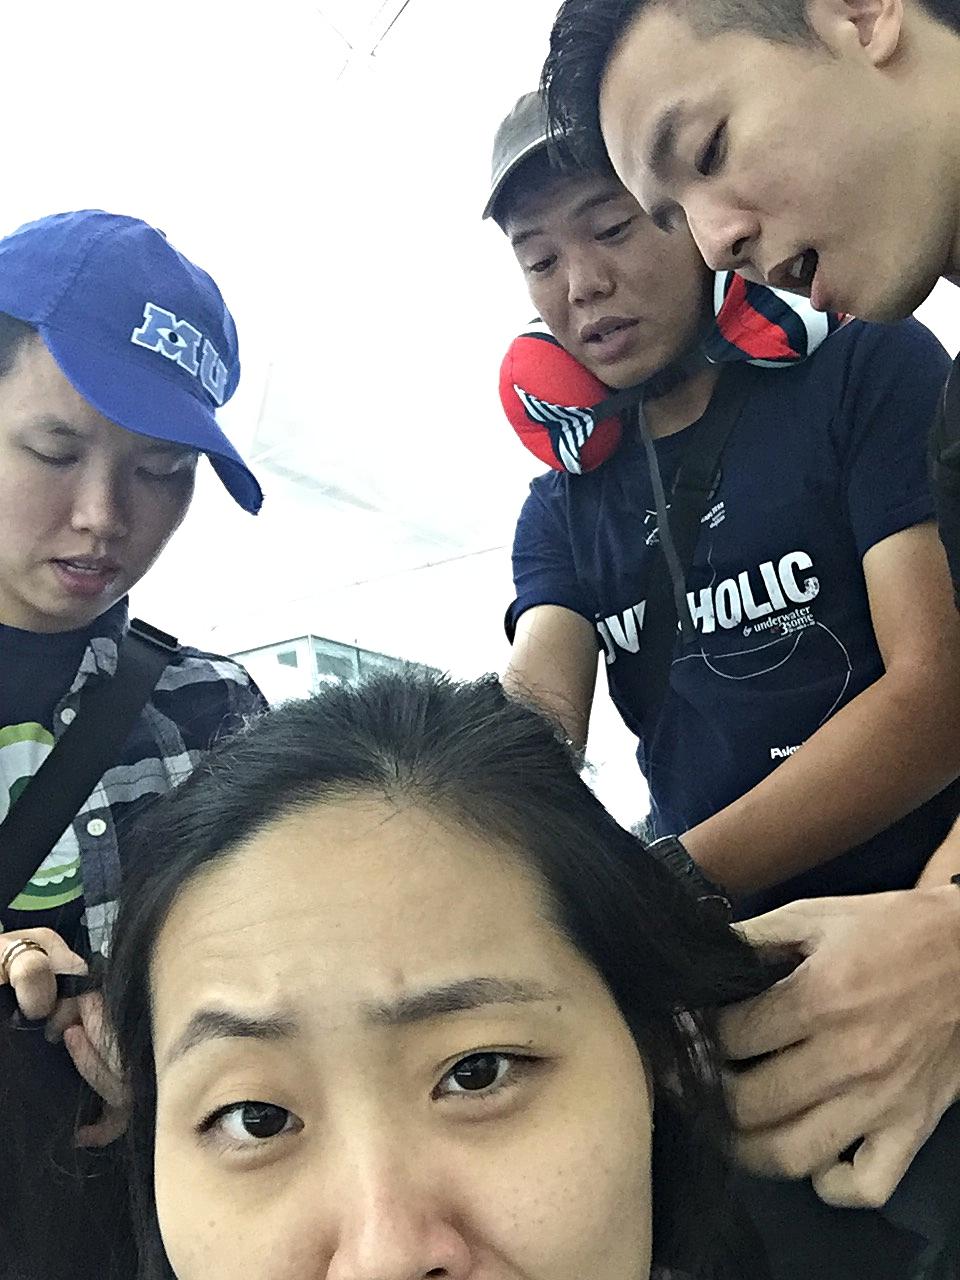 610-november-2015-hong-kong-international-airport--lantau-island-hong-kong_27270619971_o